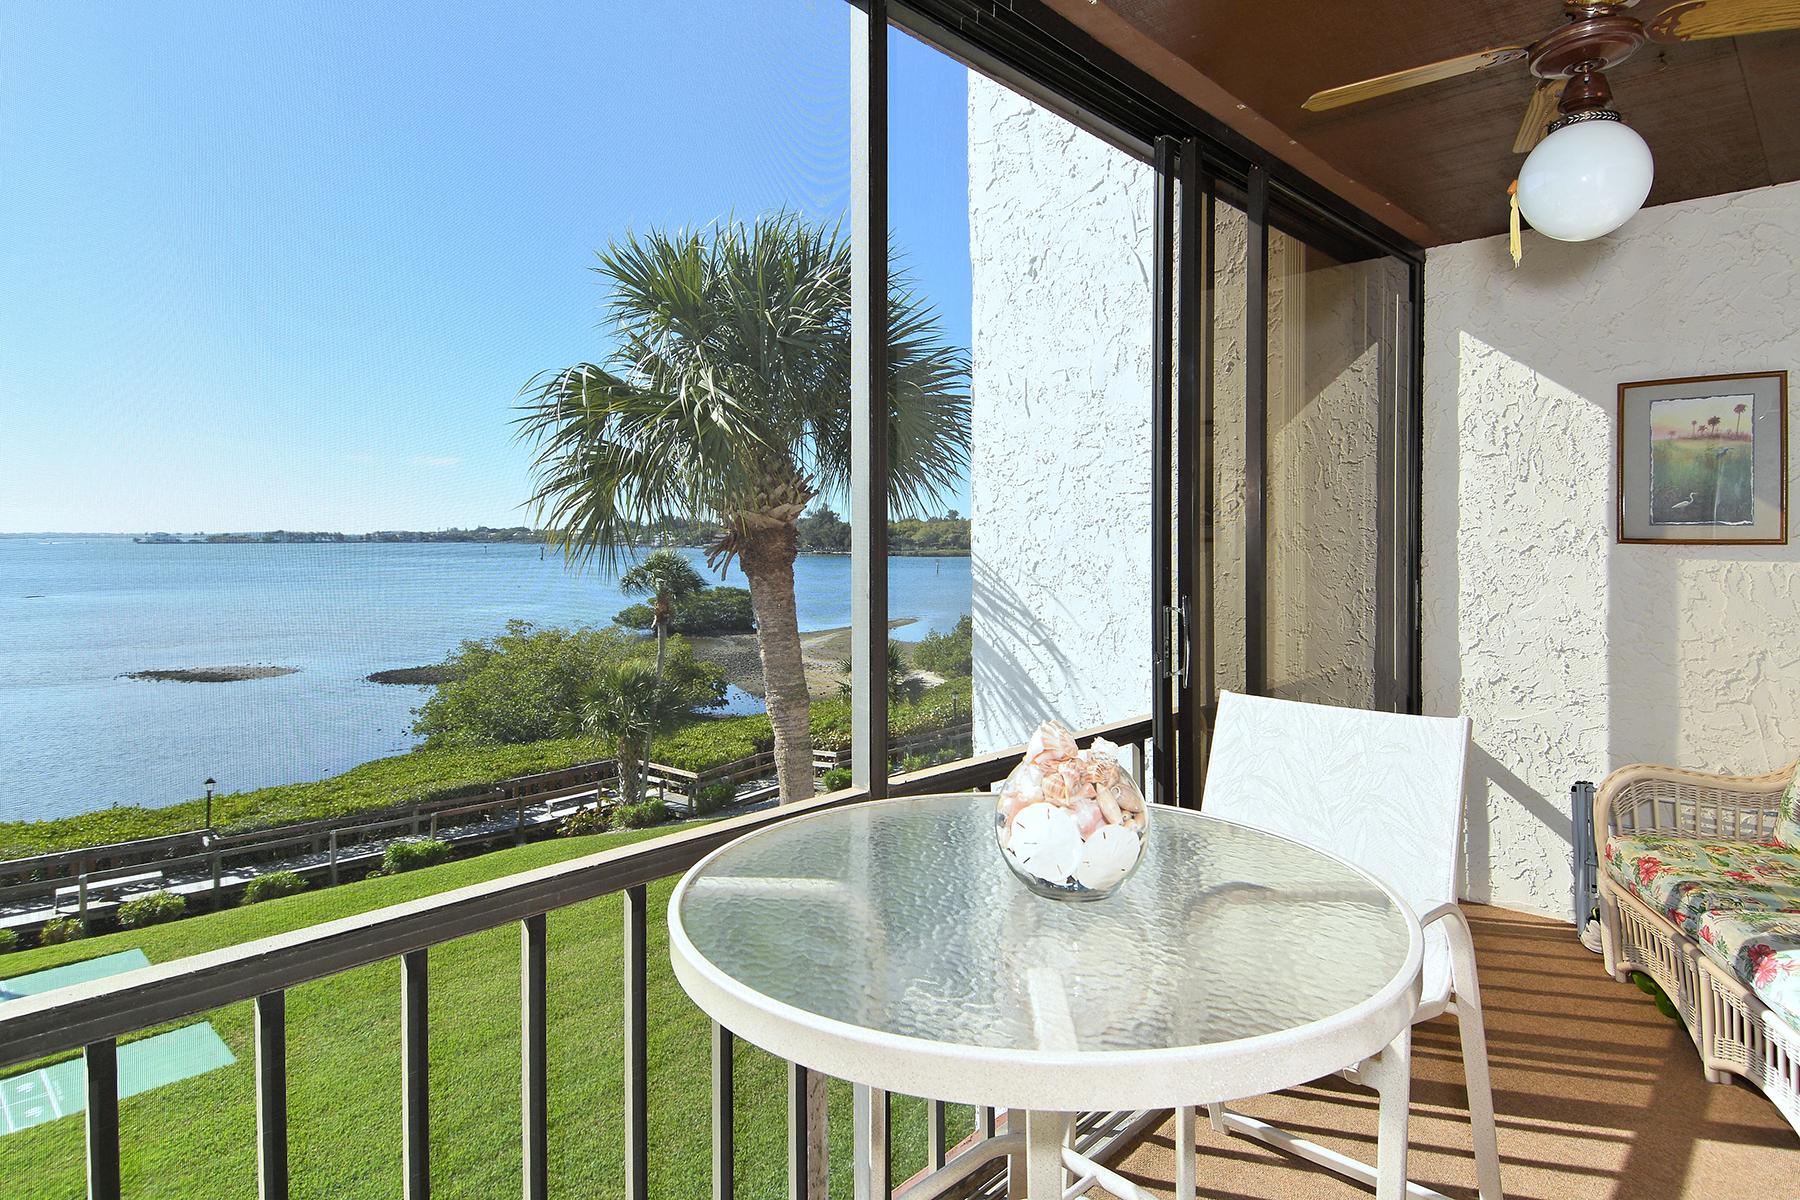 共管式独立产权公寓 为 销售 在 SARASOTA 1608 Stickney Point Rd 8-307 萨拉索塔, 佛罗里达州 34231 美国